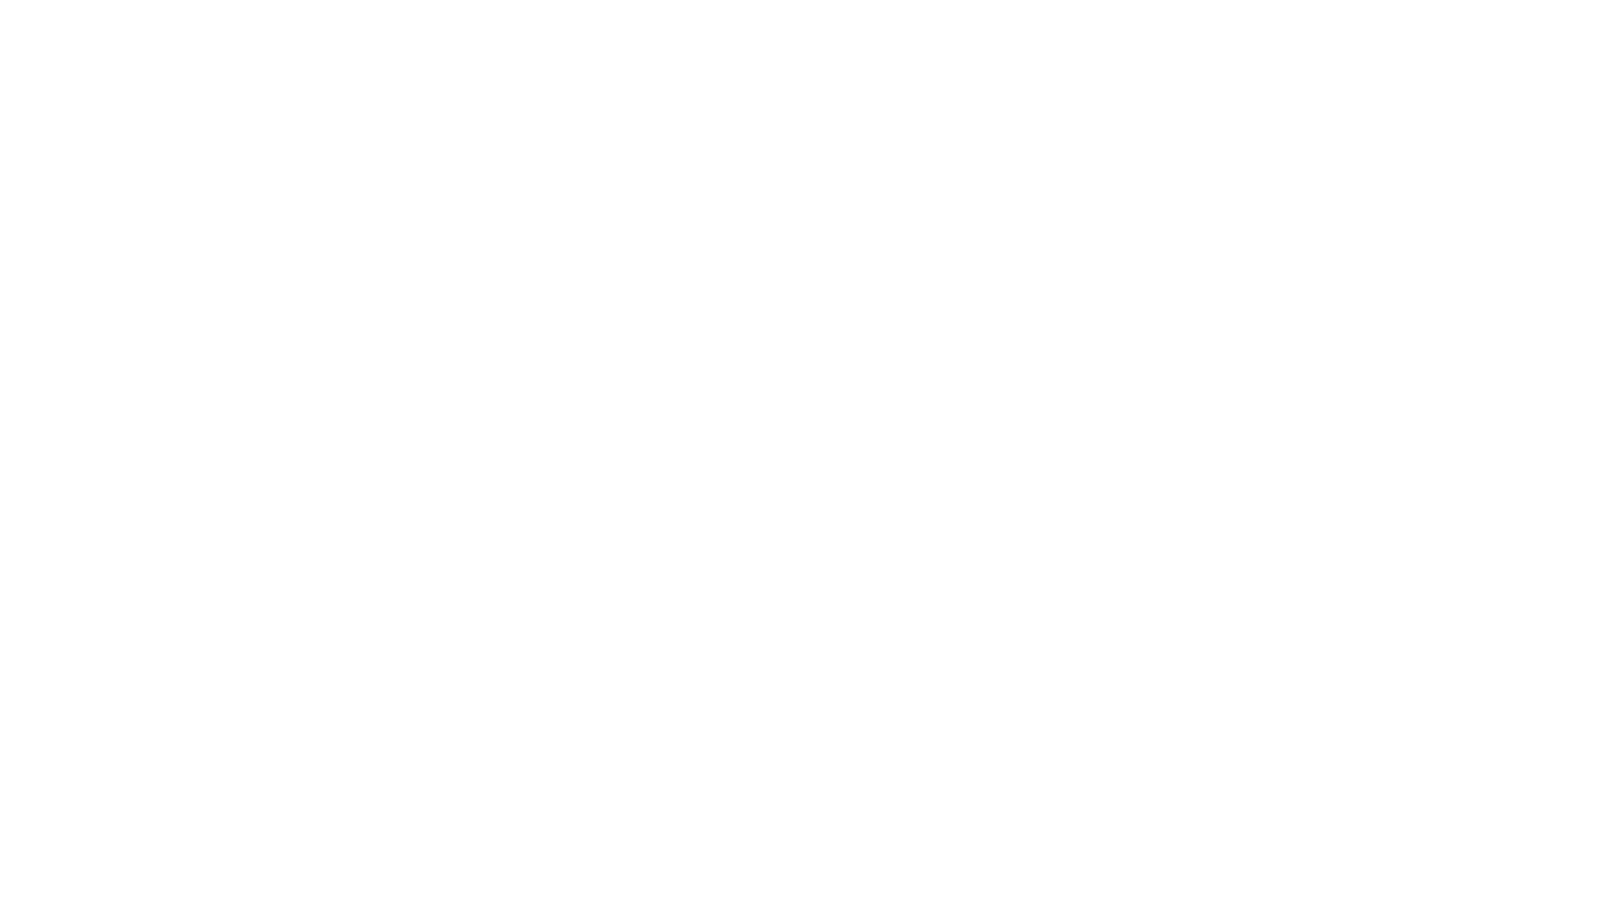 """Učenici Srednje škole """"Petar Krančević"""" pripremaju se za majski koncert u okviru projekta """"Domaći kompozitori"""". Uz dirigentkinju prof. Jovanku Ivanić, sremskomitrovački srednjoškolci vredno rade na pripremi kompozicija Petra Konjovića, Ljubomira Bošnjakovića i tradicionalnih pesama Srbije. Snimili smo pesmu """"Zaspo Janko"""" u aranžmanu Dušana Pokrajčića i Pesme iz Vojvodine Ljubomira Bošnjaković.  1. """"Zaspo Janko"""" - tradicionalna srpska pesma u aranžmanu Dušana Pokrajčića 2. """"Pesme iz Vojvodine"""" - Ljubomira Bošnjakovića  Hor srednje muzičke škole """"Krančević"""" dirigent Jovanka Ivanić  Muzička škola Petar Krančević - Sremska Mitrovica"""